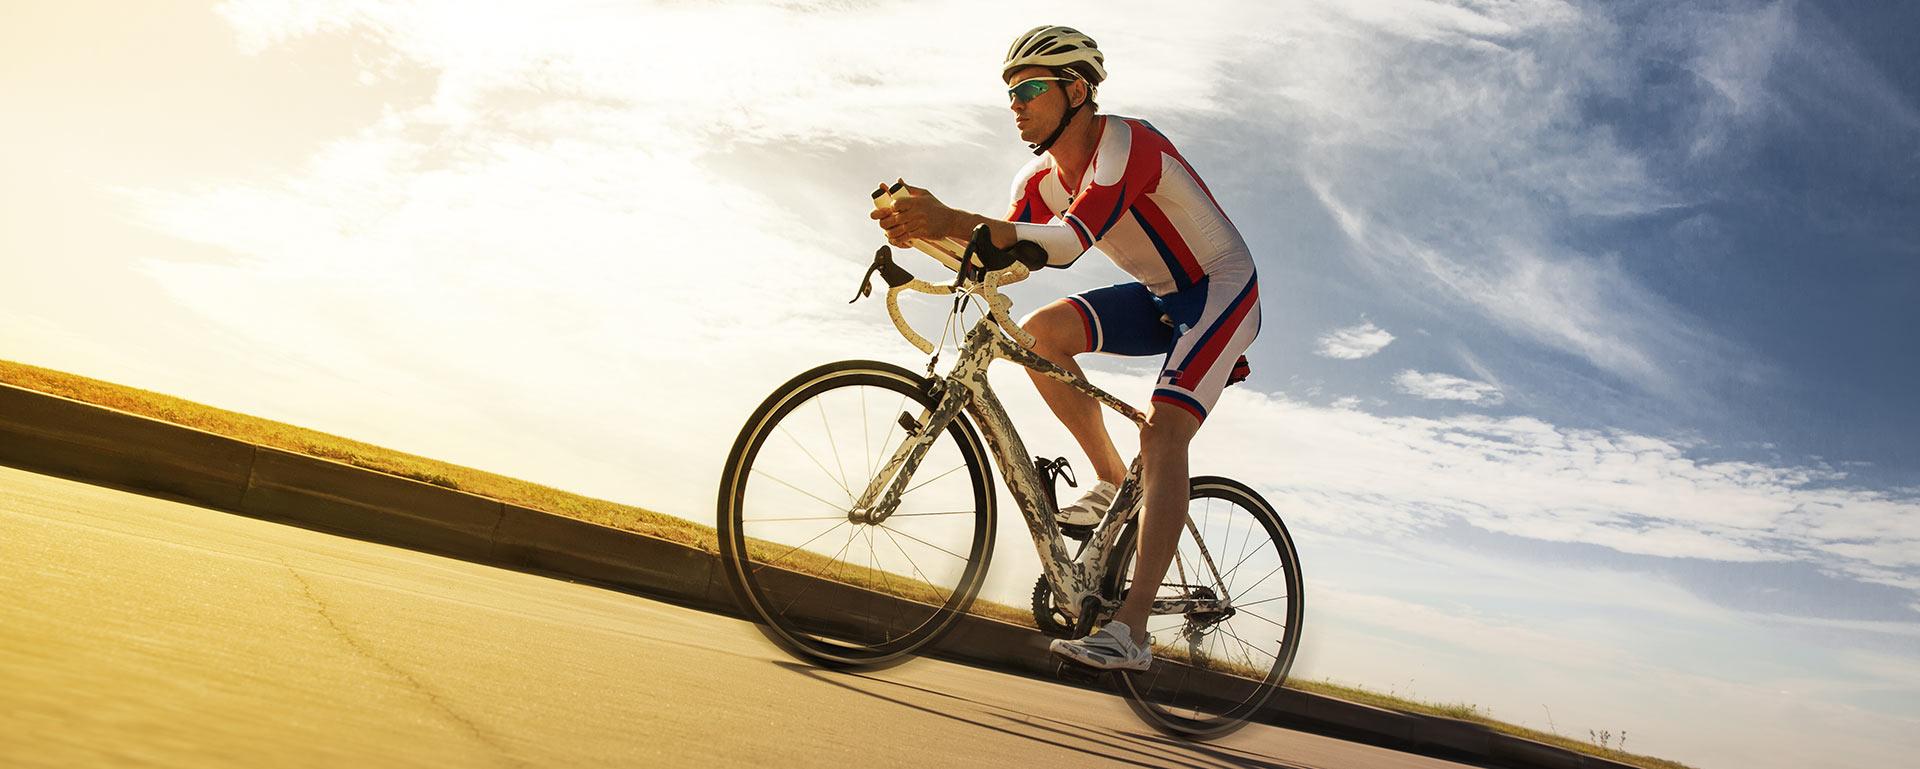 Vuelta Espana- uczestnicy, daty, trasa wyścigu